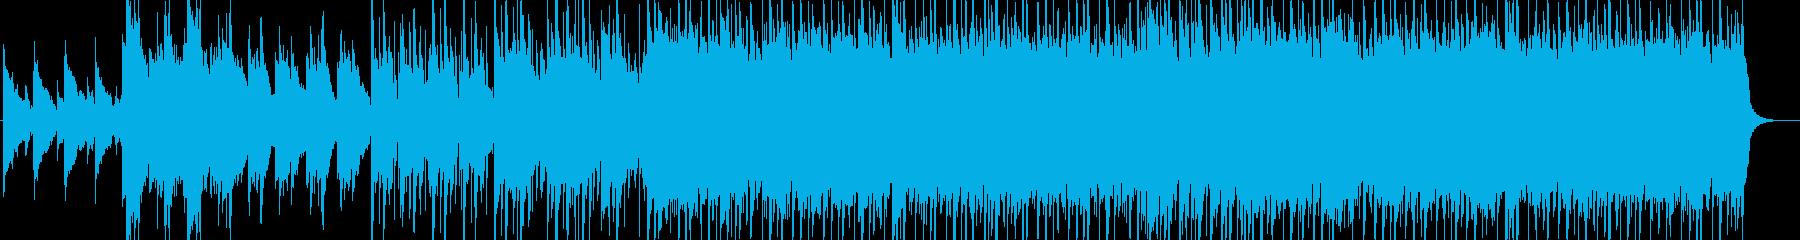 切ないバラードinst verの再生済みの波形